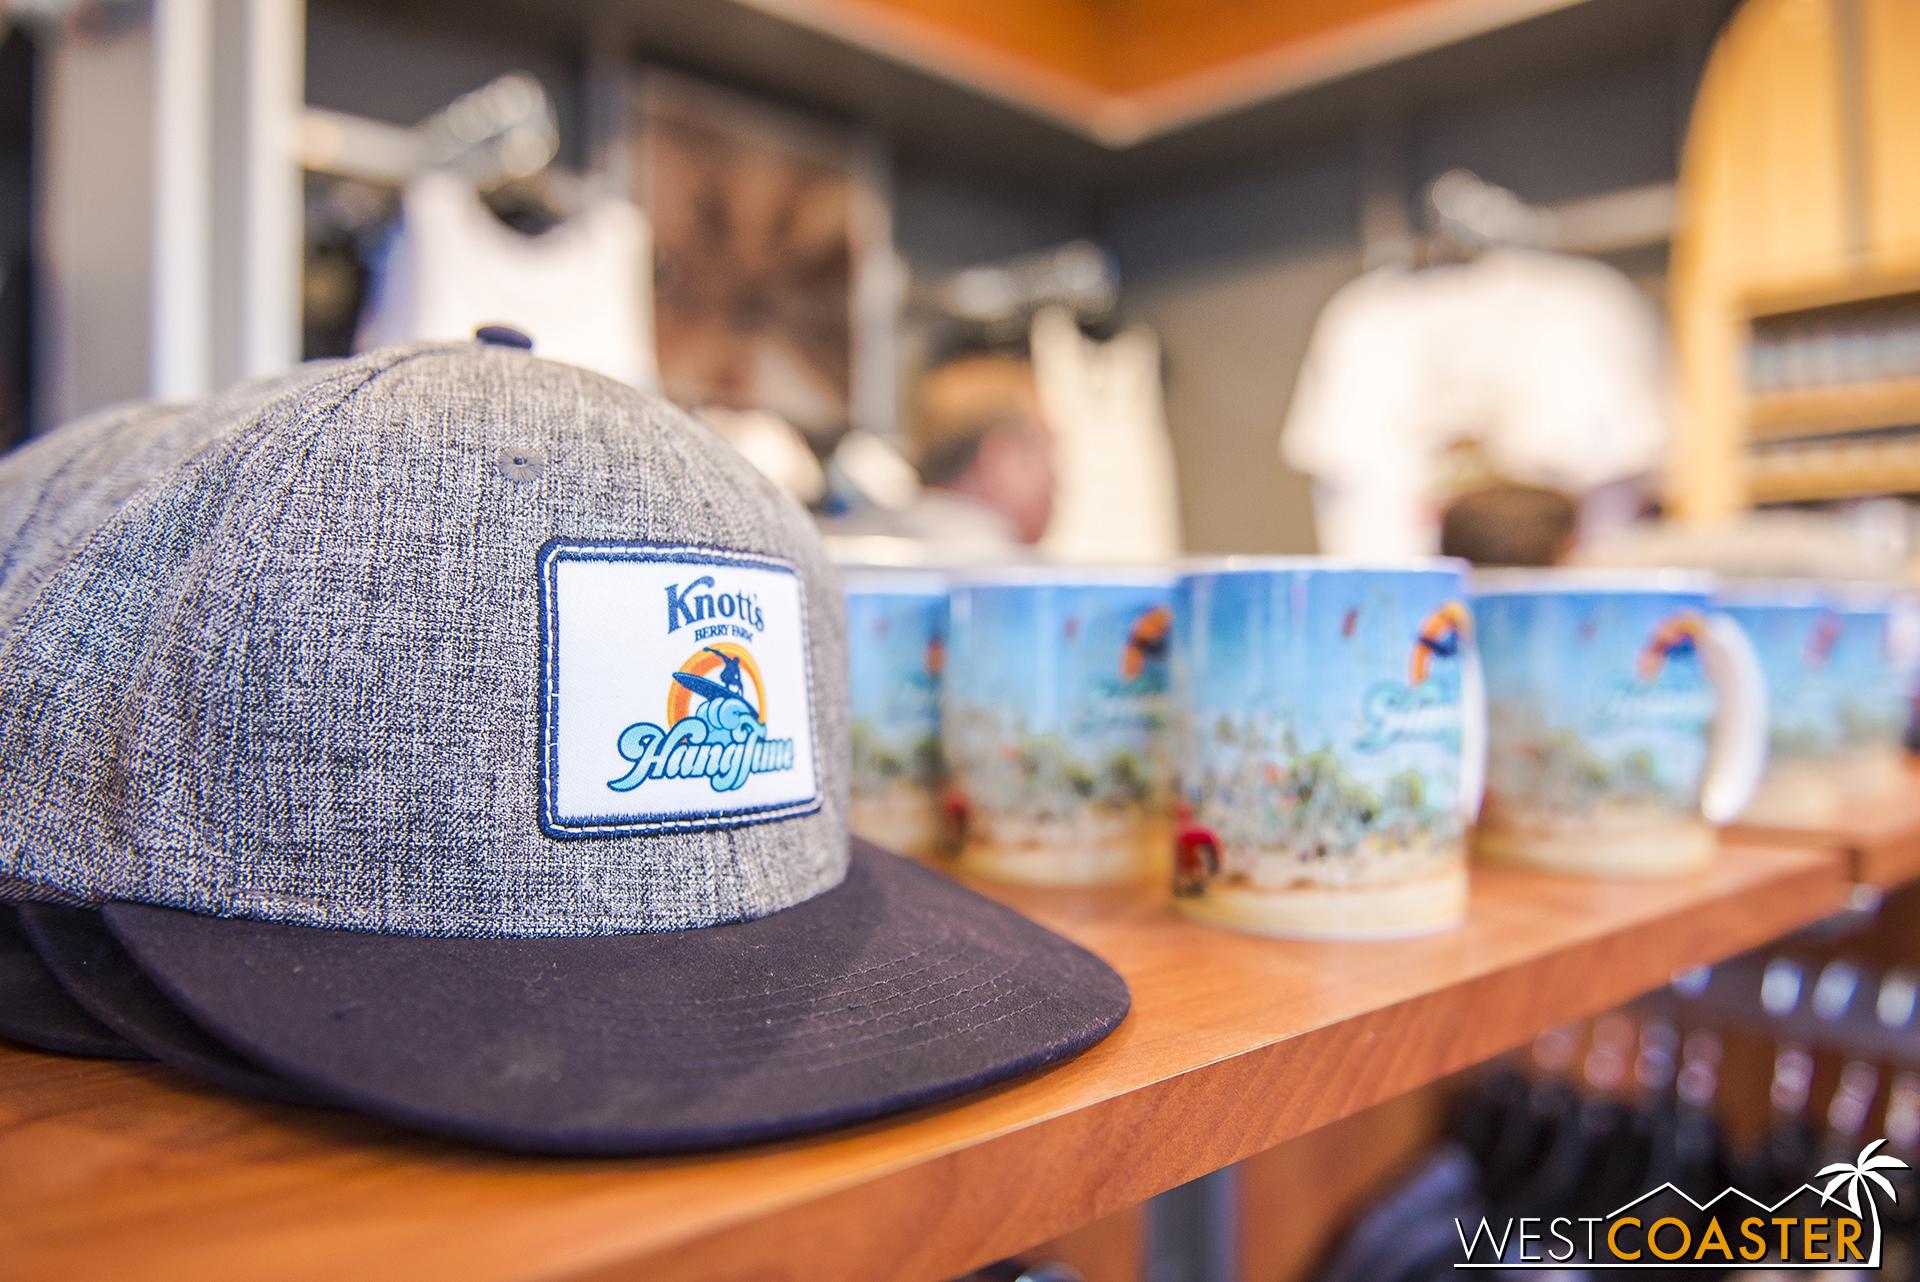 Caps and mugs too.